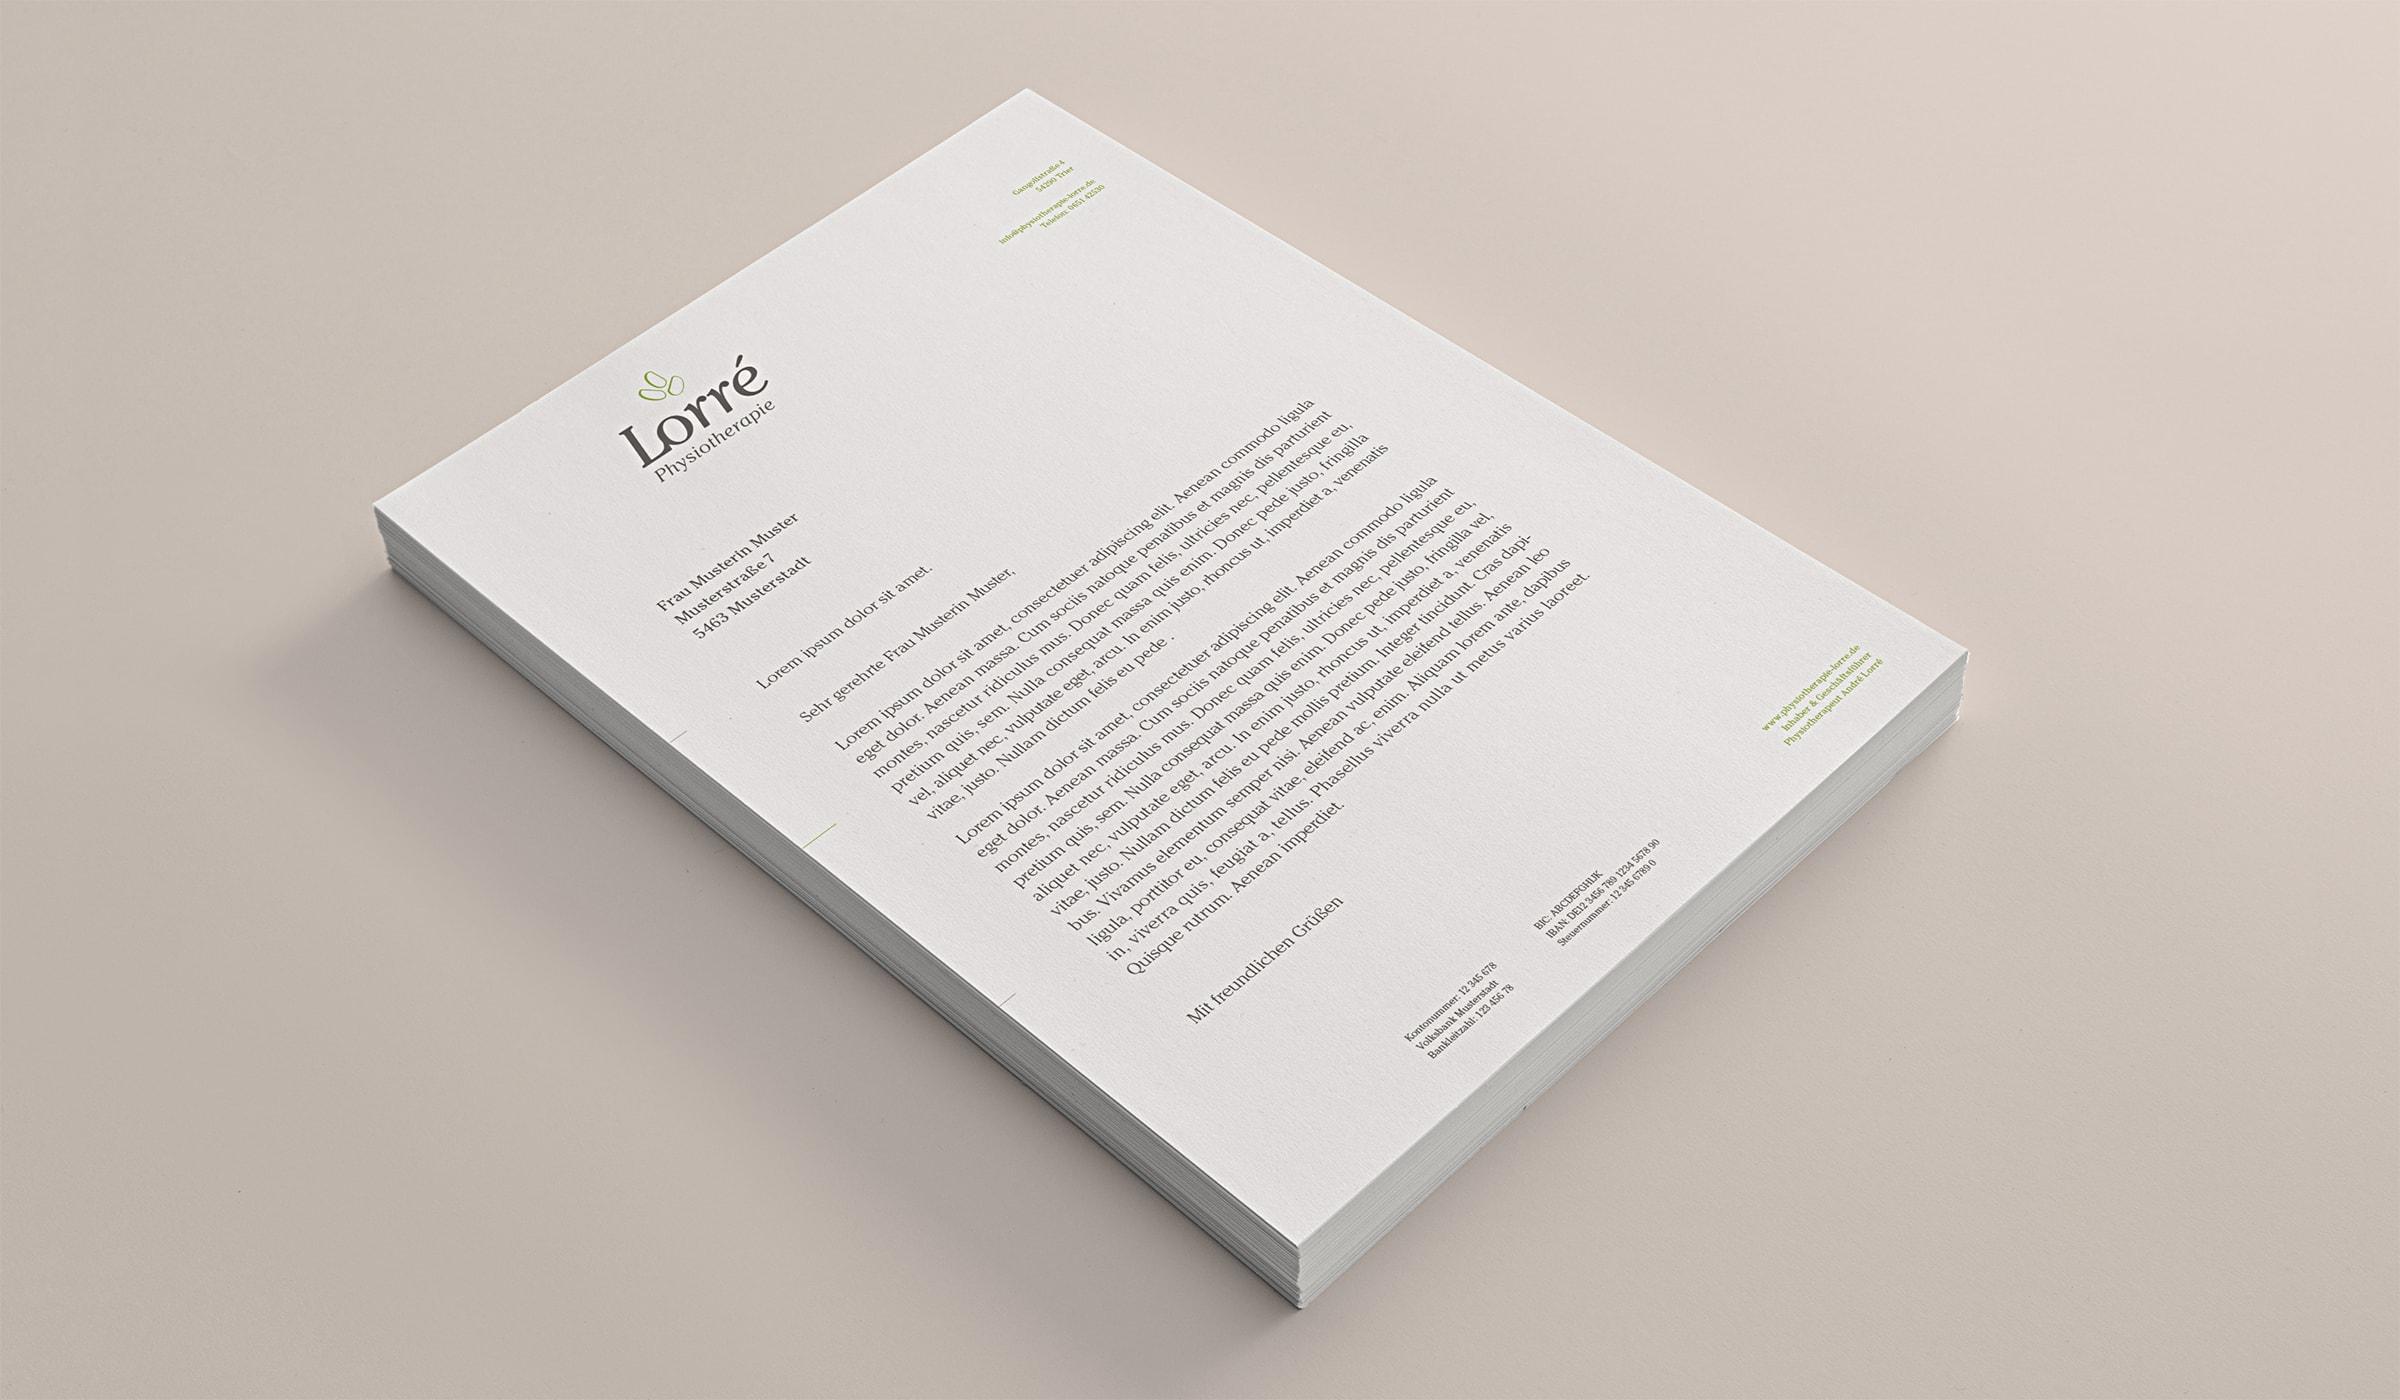 Werbeauftritt für eine Physiotherapie Praxis in Trier. Das Corporate Design folgt der Corporate Identity. Das Designkonzept wurde durch die Werbeagentur mieker - Konzept Design Strategie entwickelt. Der Erstentwurf des Printdesigns für den Briefkopf zeigt sich in den Hausfarben. Branding für den Gesundheitsbereich. Das Unternehmens-Erscheinungsbild umfasst folgende Leistungen der Werbeagentur: Kommunikationsdesign, Grafikdesign, Logoentwicklung, Corporate Design, Werbemittel und Werbung. Regionen: Trier, Wittlich, Hermeskeil, Luxemburg, Koblenz